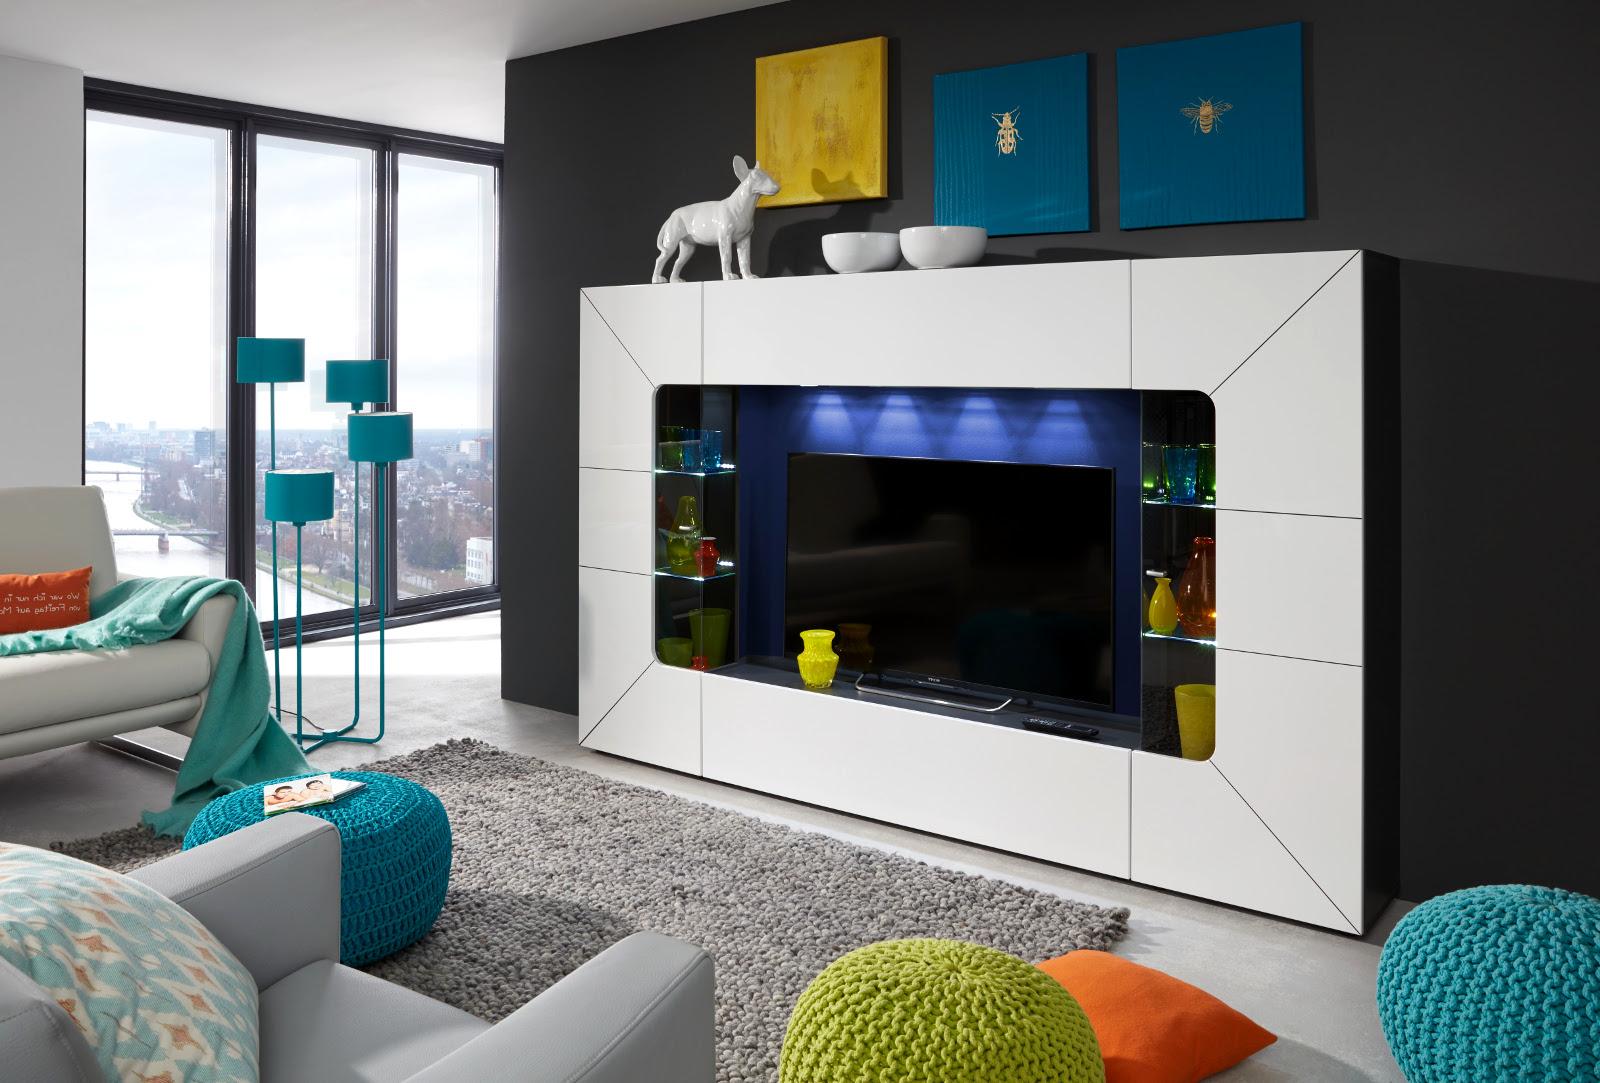 wohnwand medien mediawand wei hochglanz fernsehschrank 250 cm tv bis 60 sprint ebay. Black Bedroom Furniture Sets. Home Design Ideas